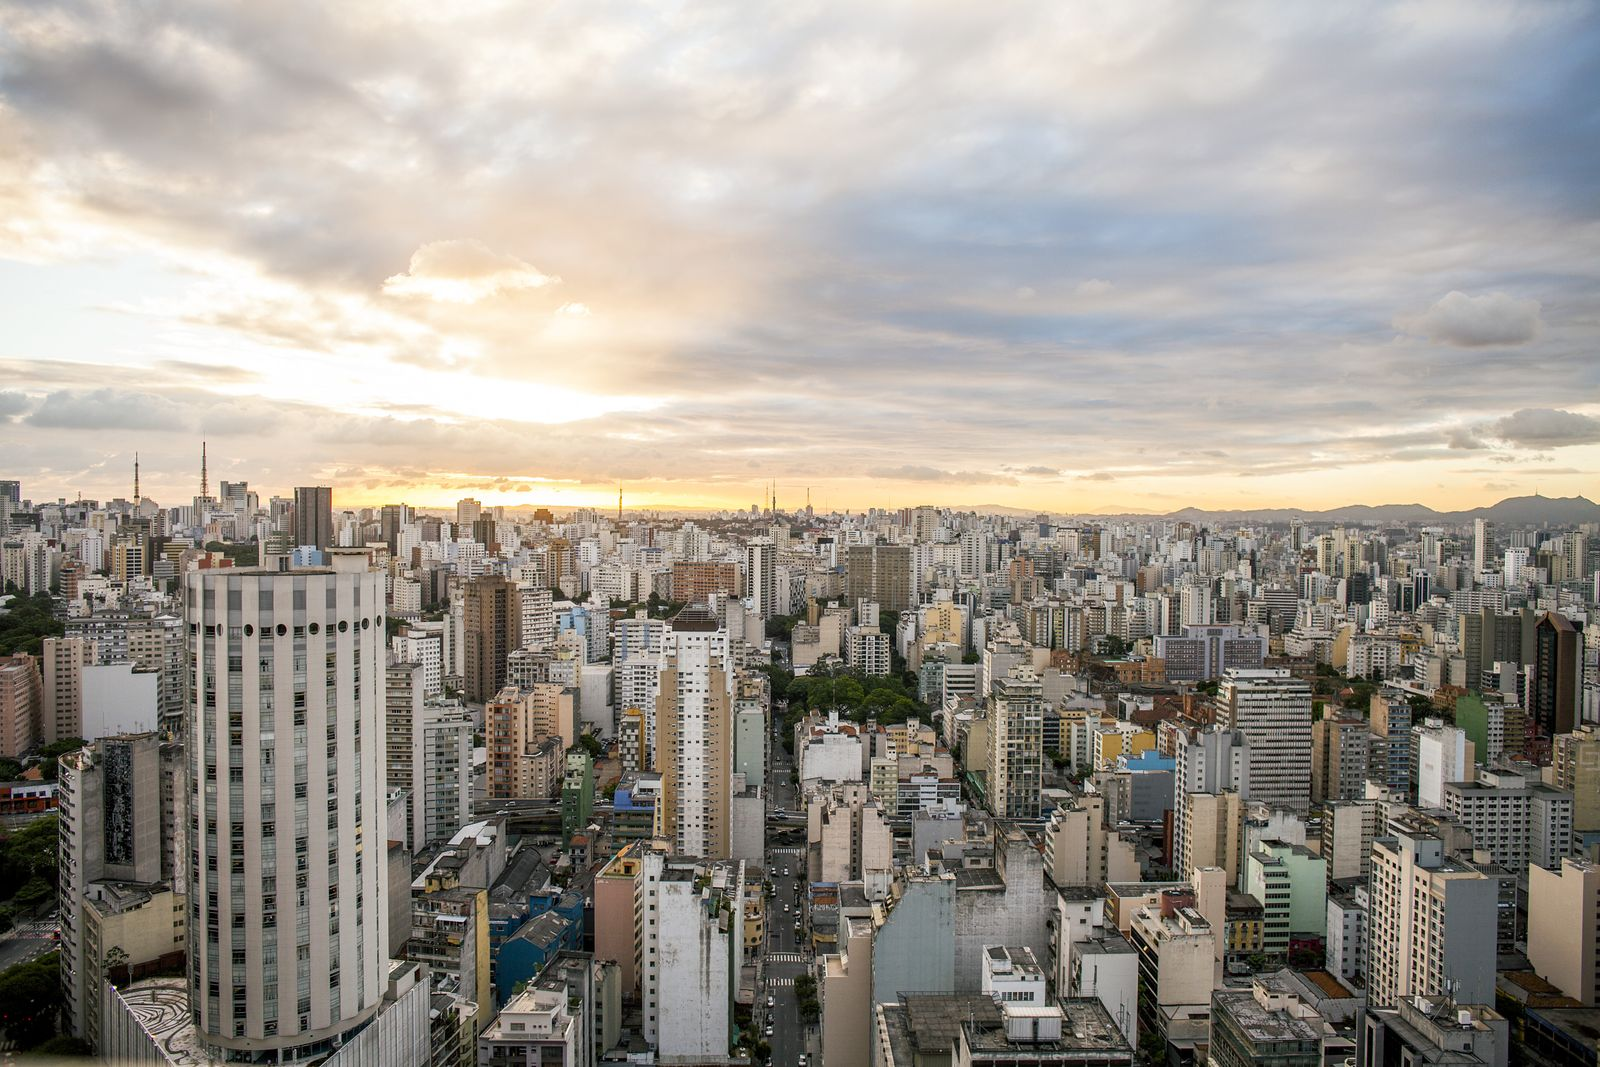 NICHT MEHR VERWENDEN! - Sao Paulo / Brasilien